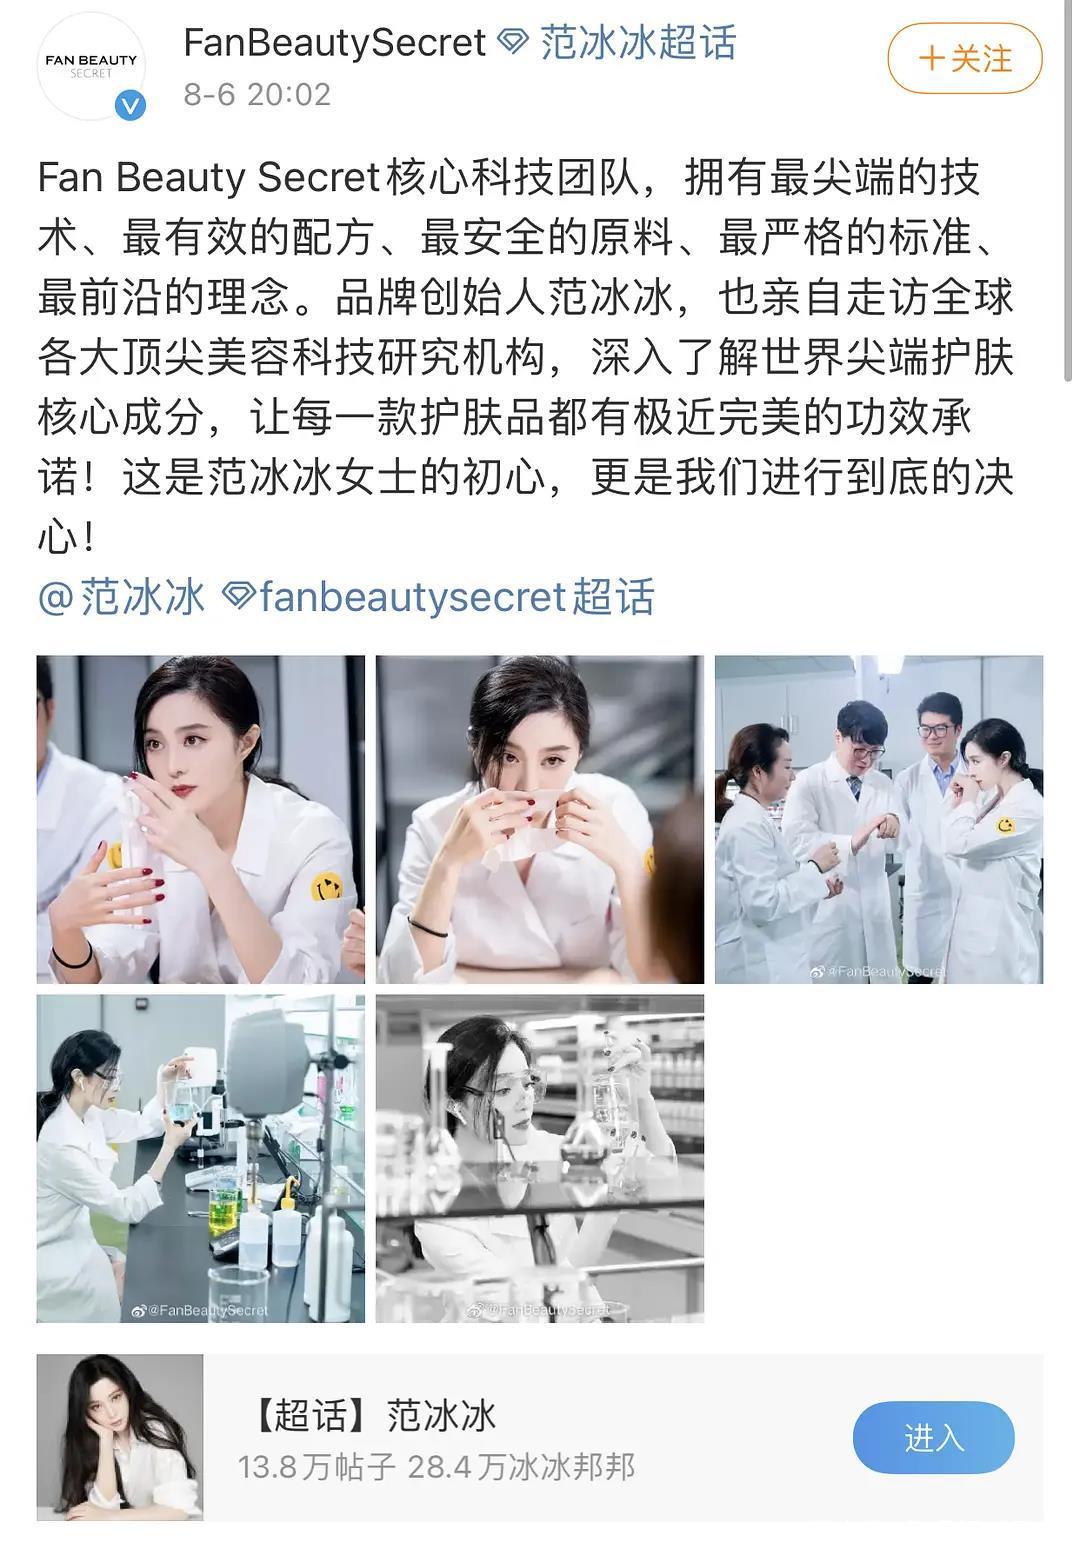 范冰冰又被群嘲了,为推广产品穿白大褂,实验室里浓妆艳抹戴耳机